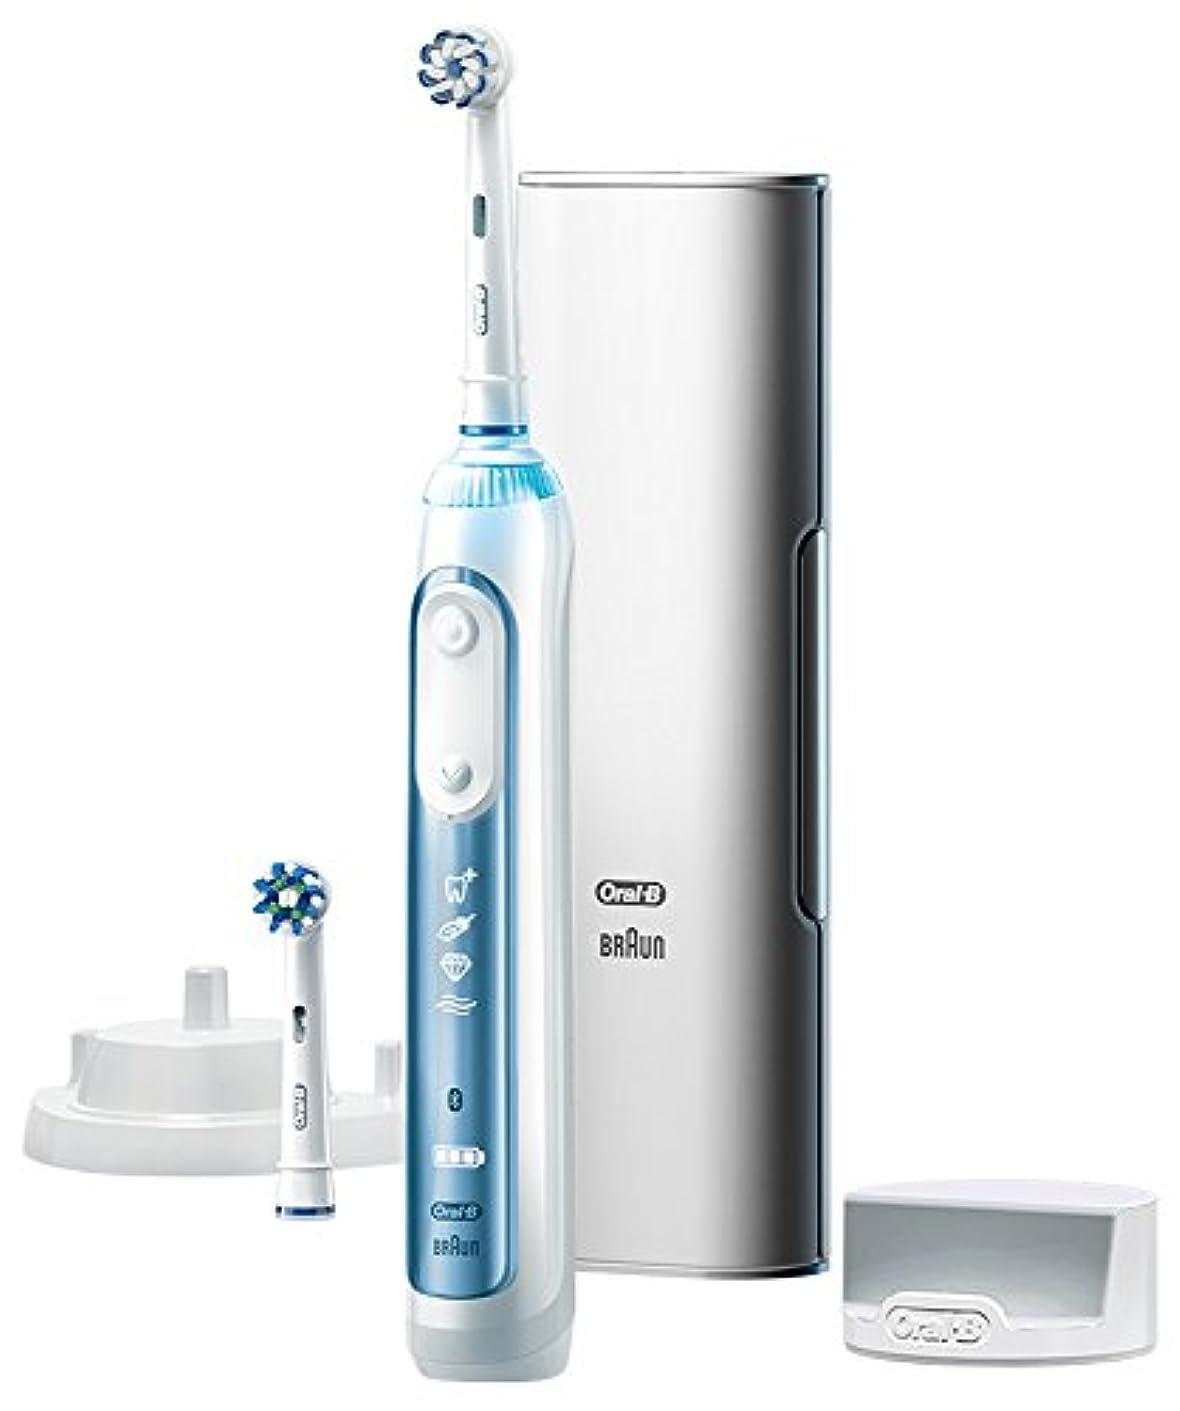 豊富にバルブオレンジブラウン オーラルB 電動歯ブラシ スマート7000 D7005245XP D7005245XP